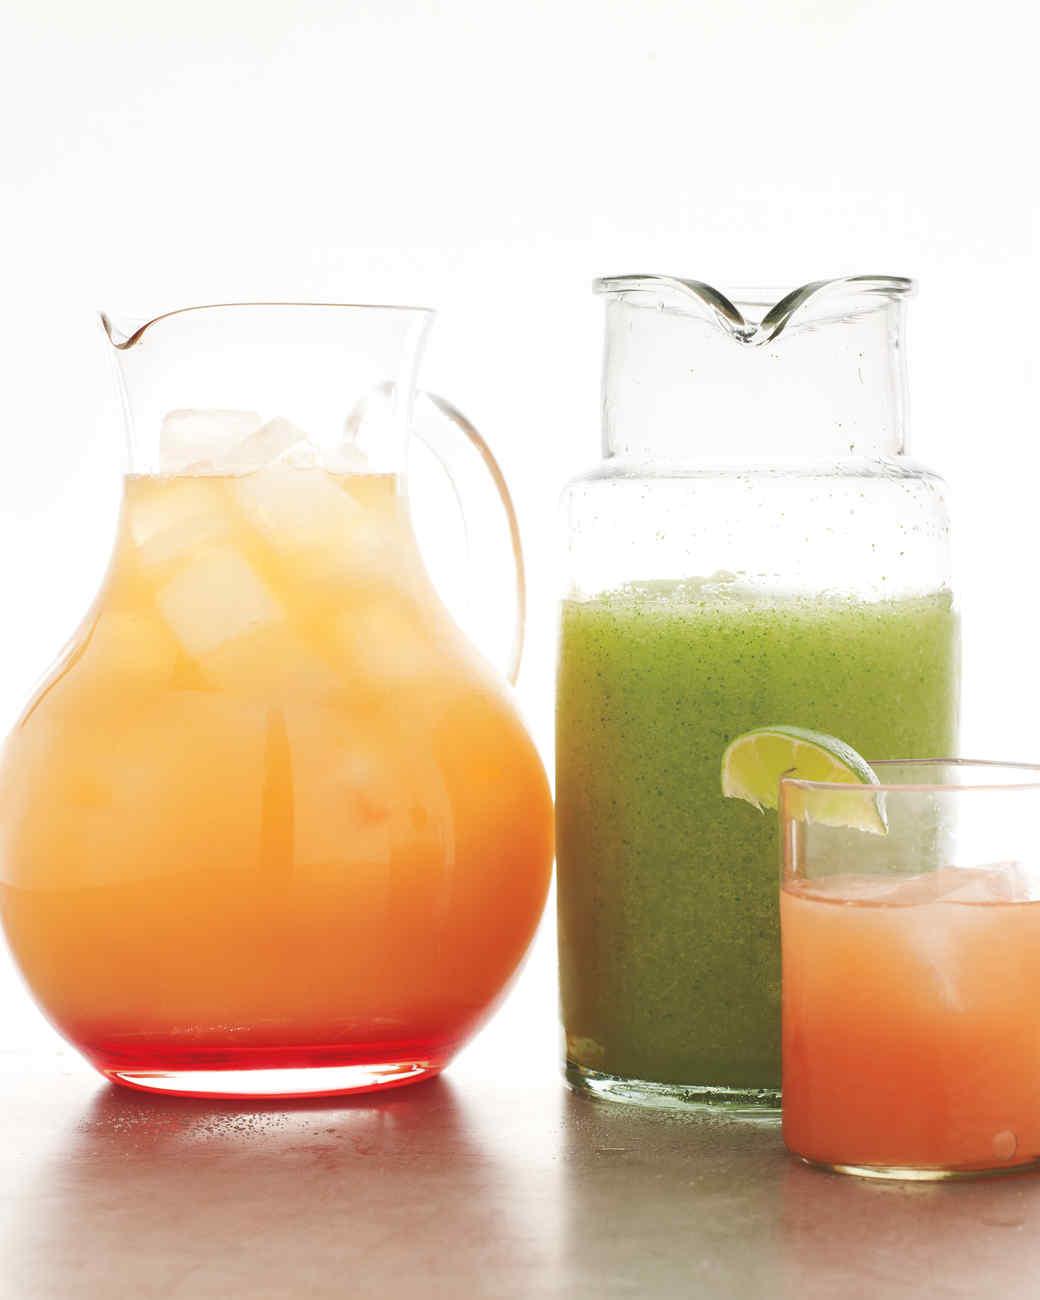 drink-pitchers-38-edit-med110108.jpg